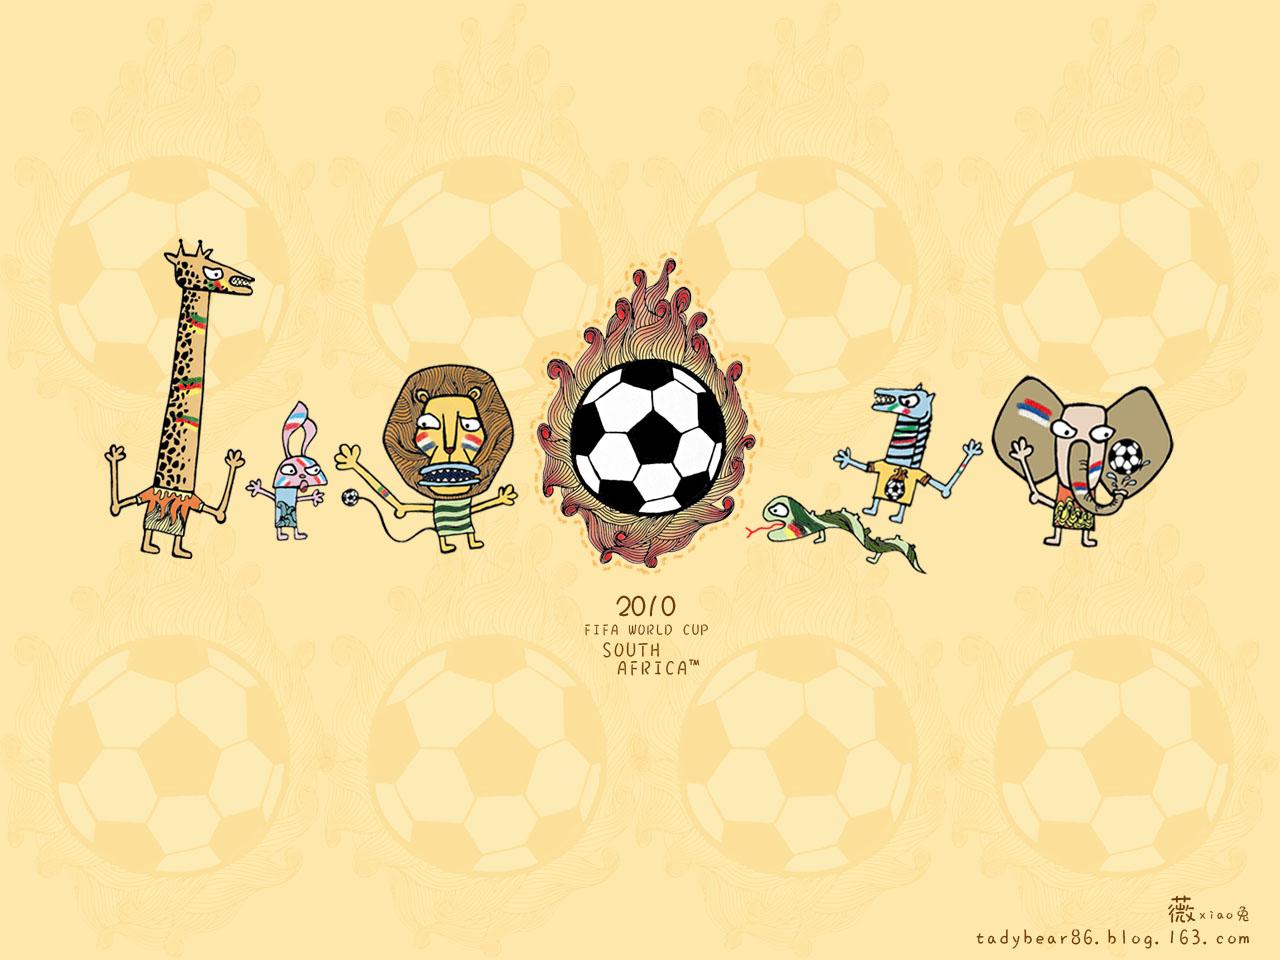 动物世界杯 – mtime时光网